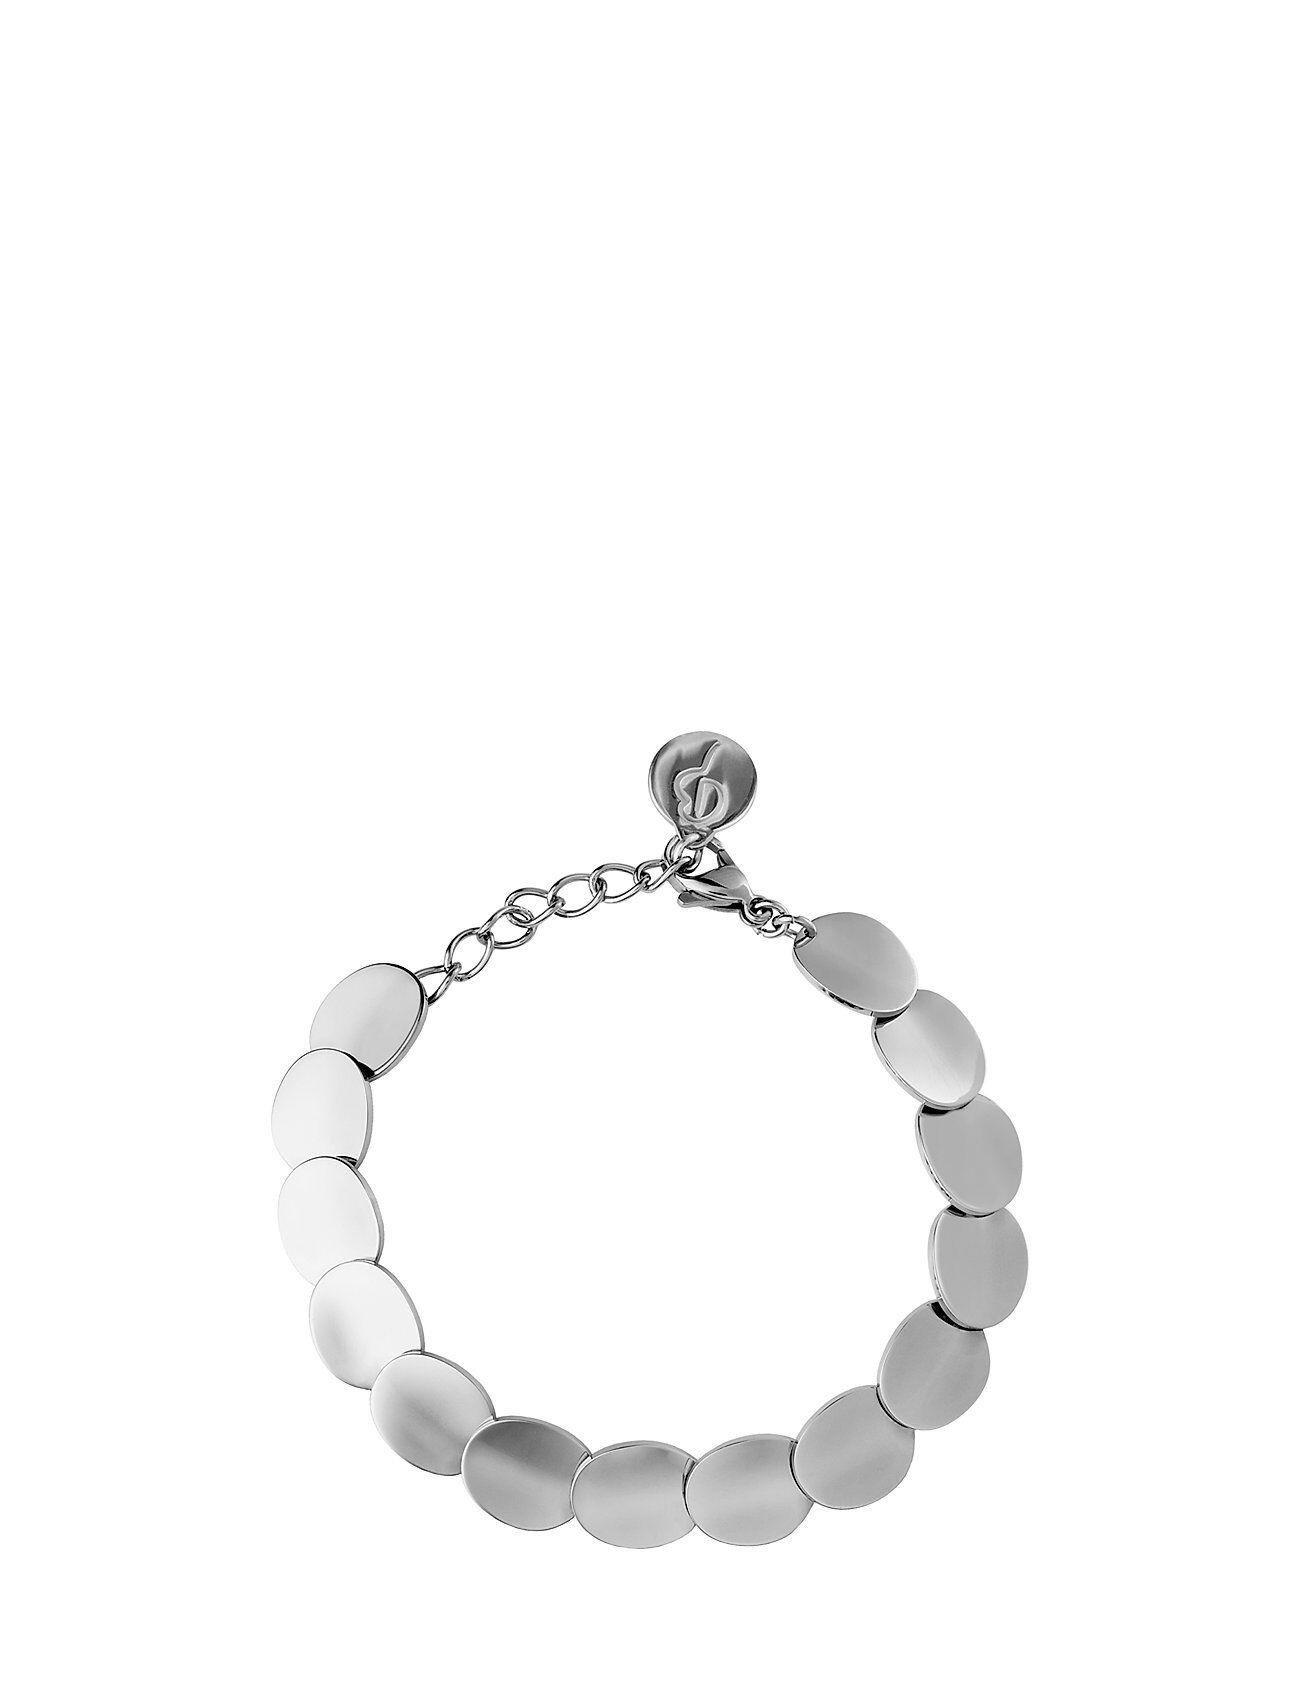 Edblad Pebble Bracelet Steel Accessories Jewellery Bracelets Chain Bracelets Hopea Edblad